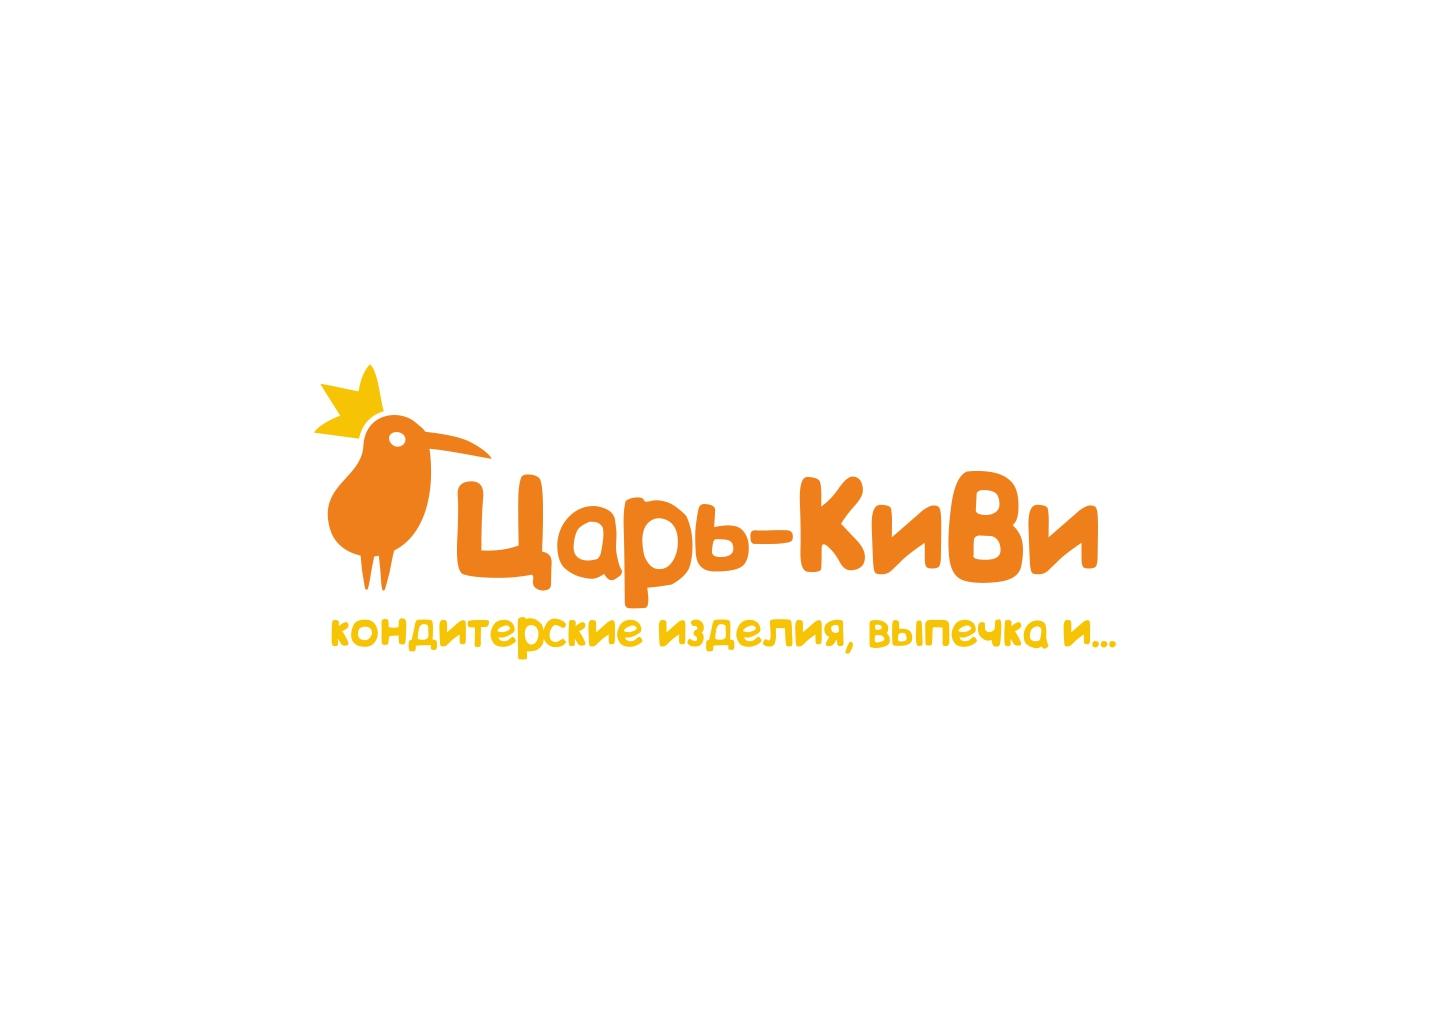 """Доработать дизайн логотипа кафе-кондитерской """"Царь-Киви"""" фото f_3195a031e81d2bcb.jpg"""